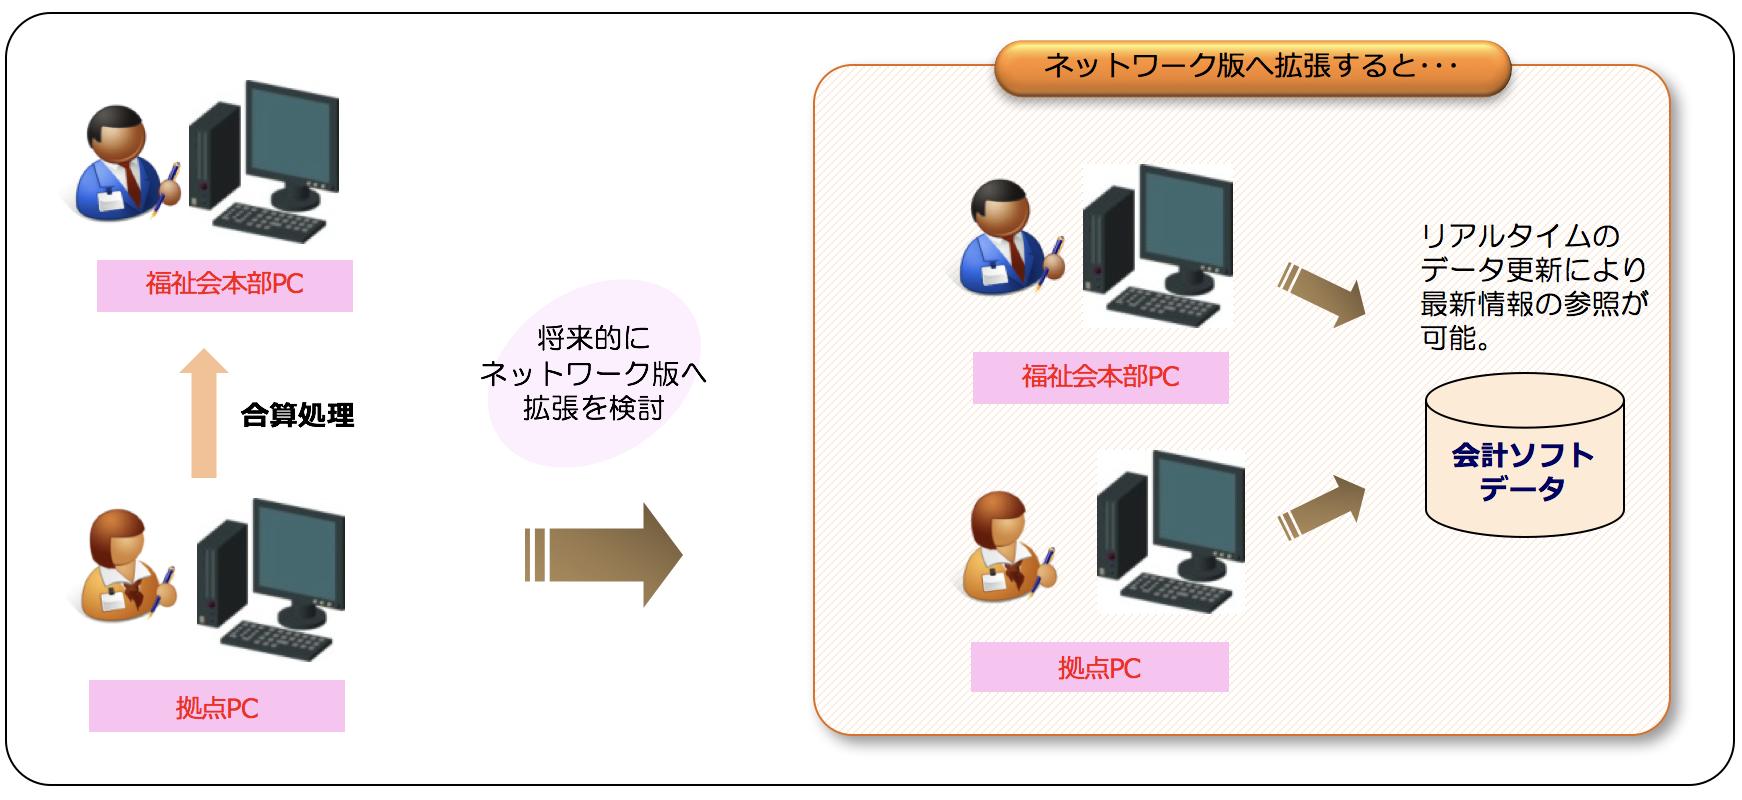 パワフル会計「社福」システム運用イメージ